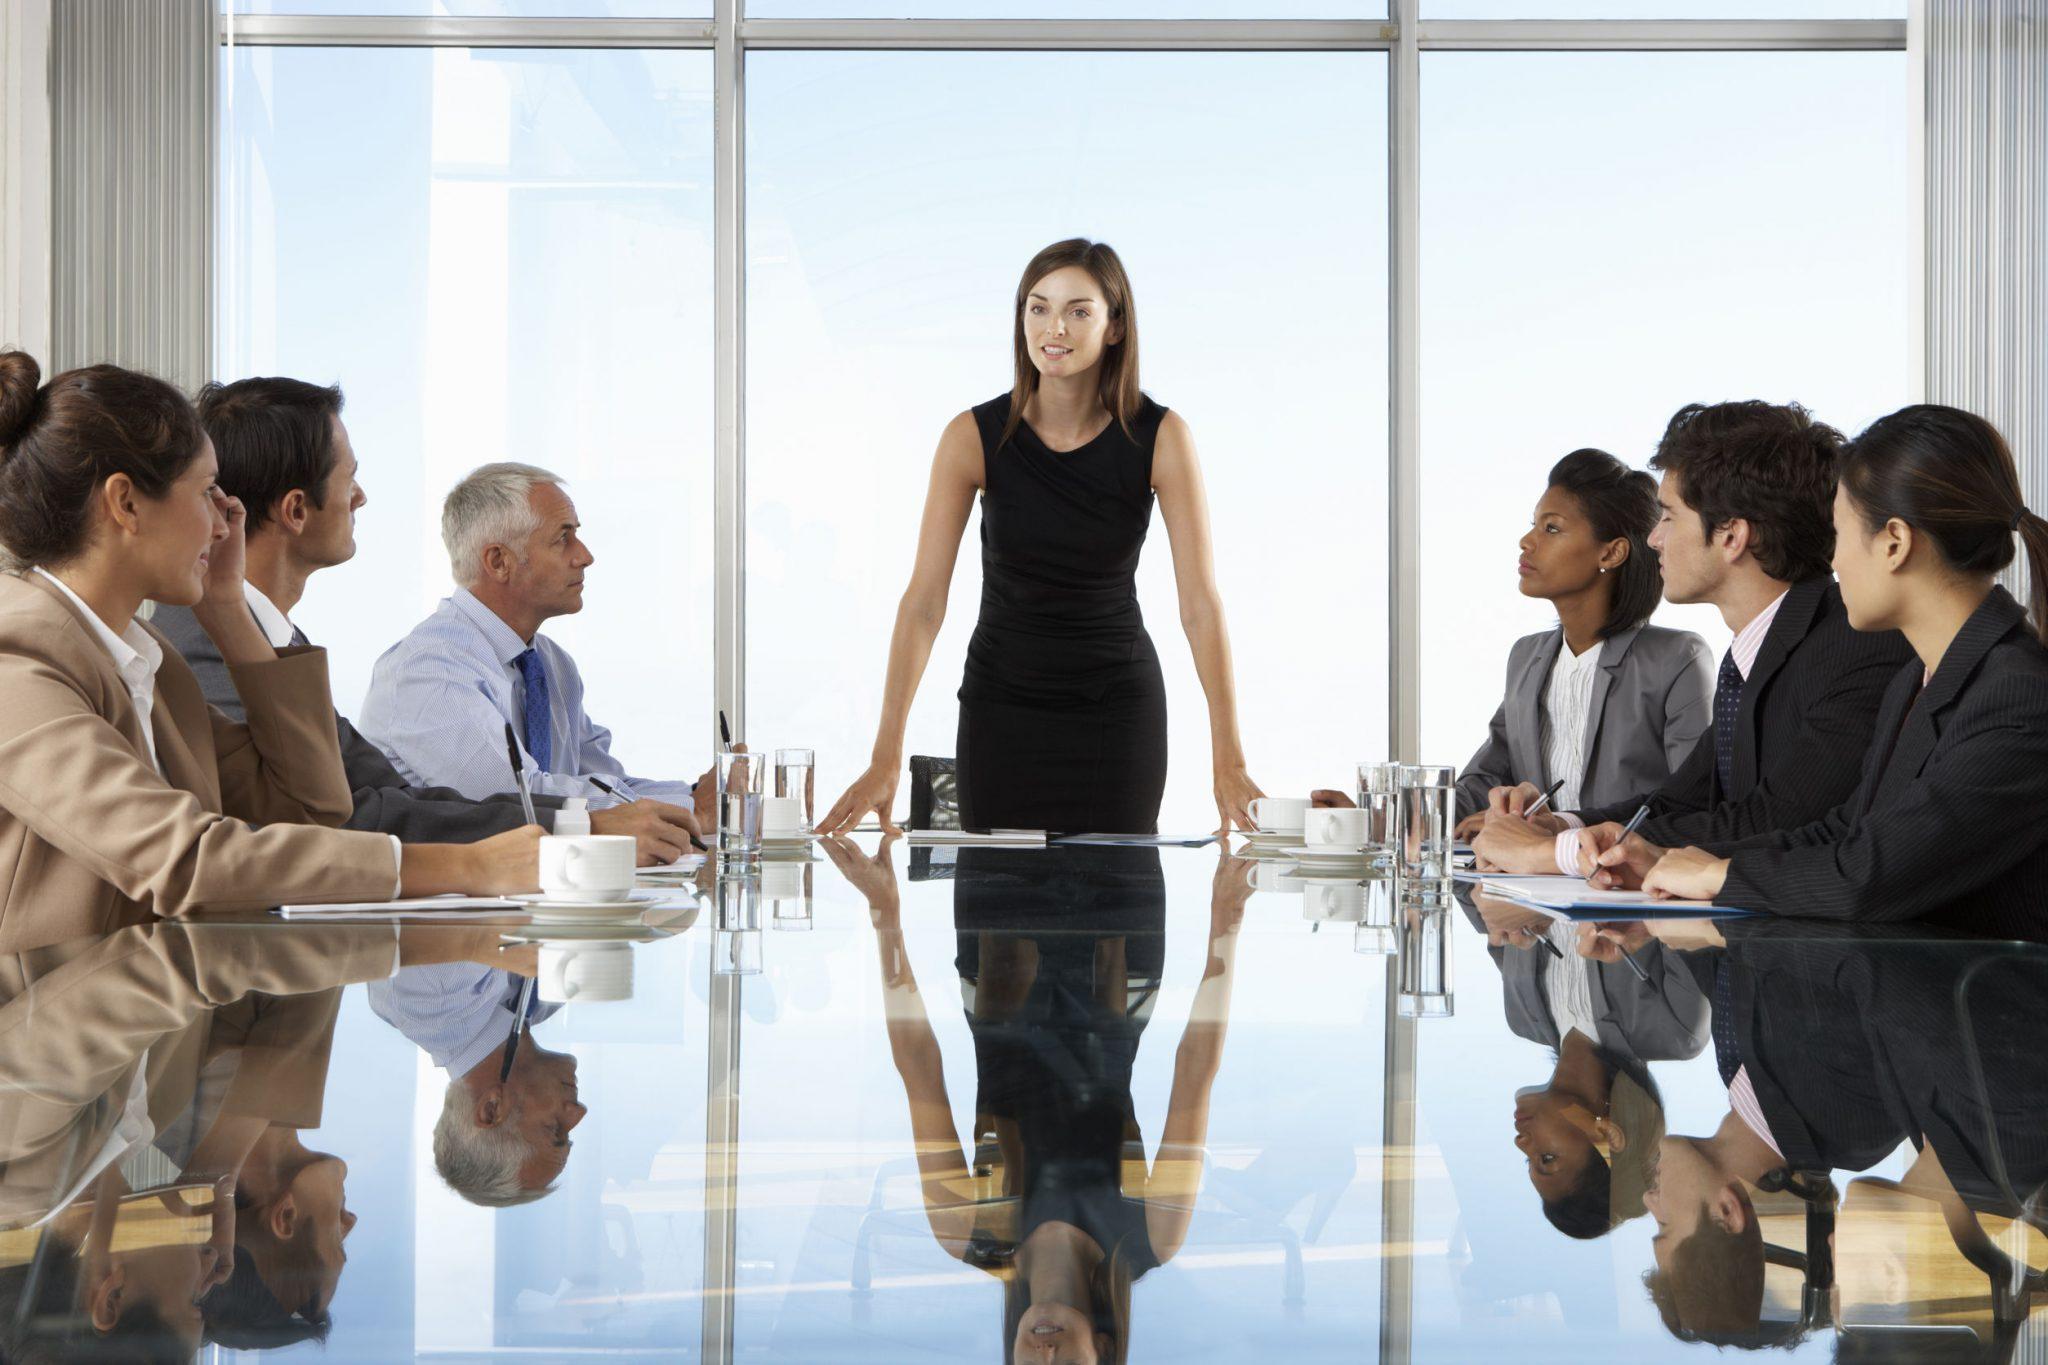 Há cada vez mais mulheres nas administrações. Mas têm realmente influência?